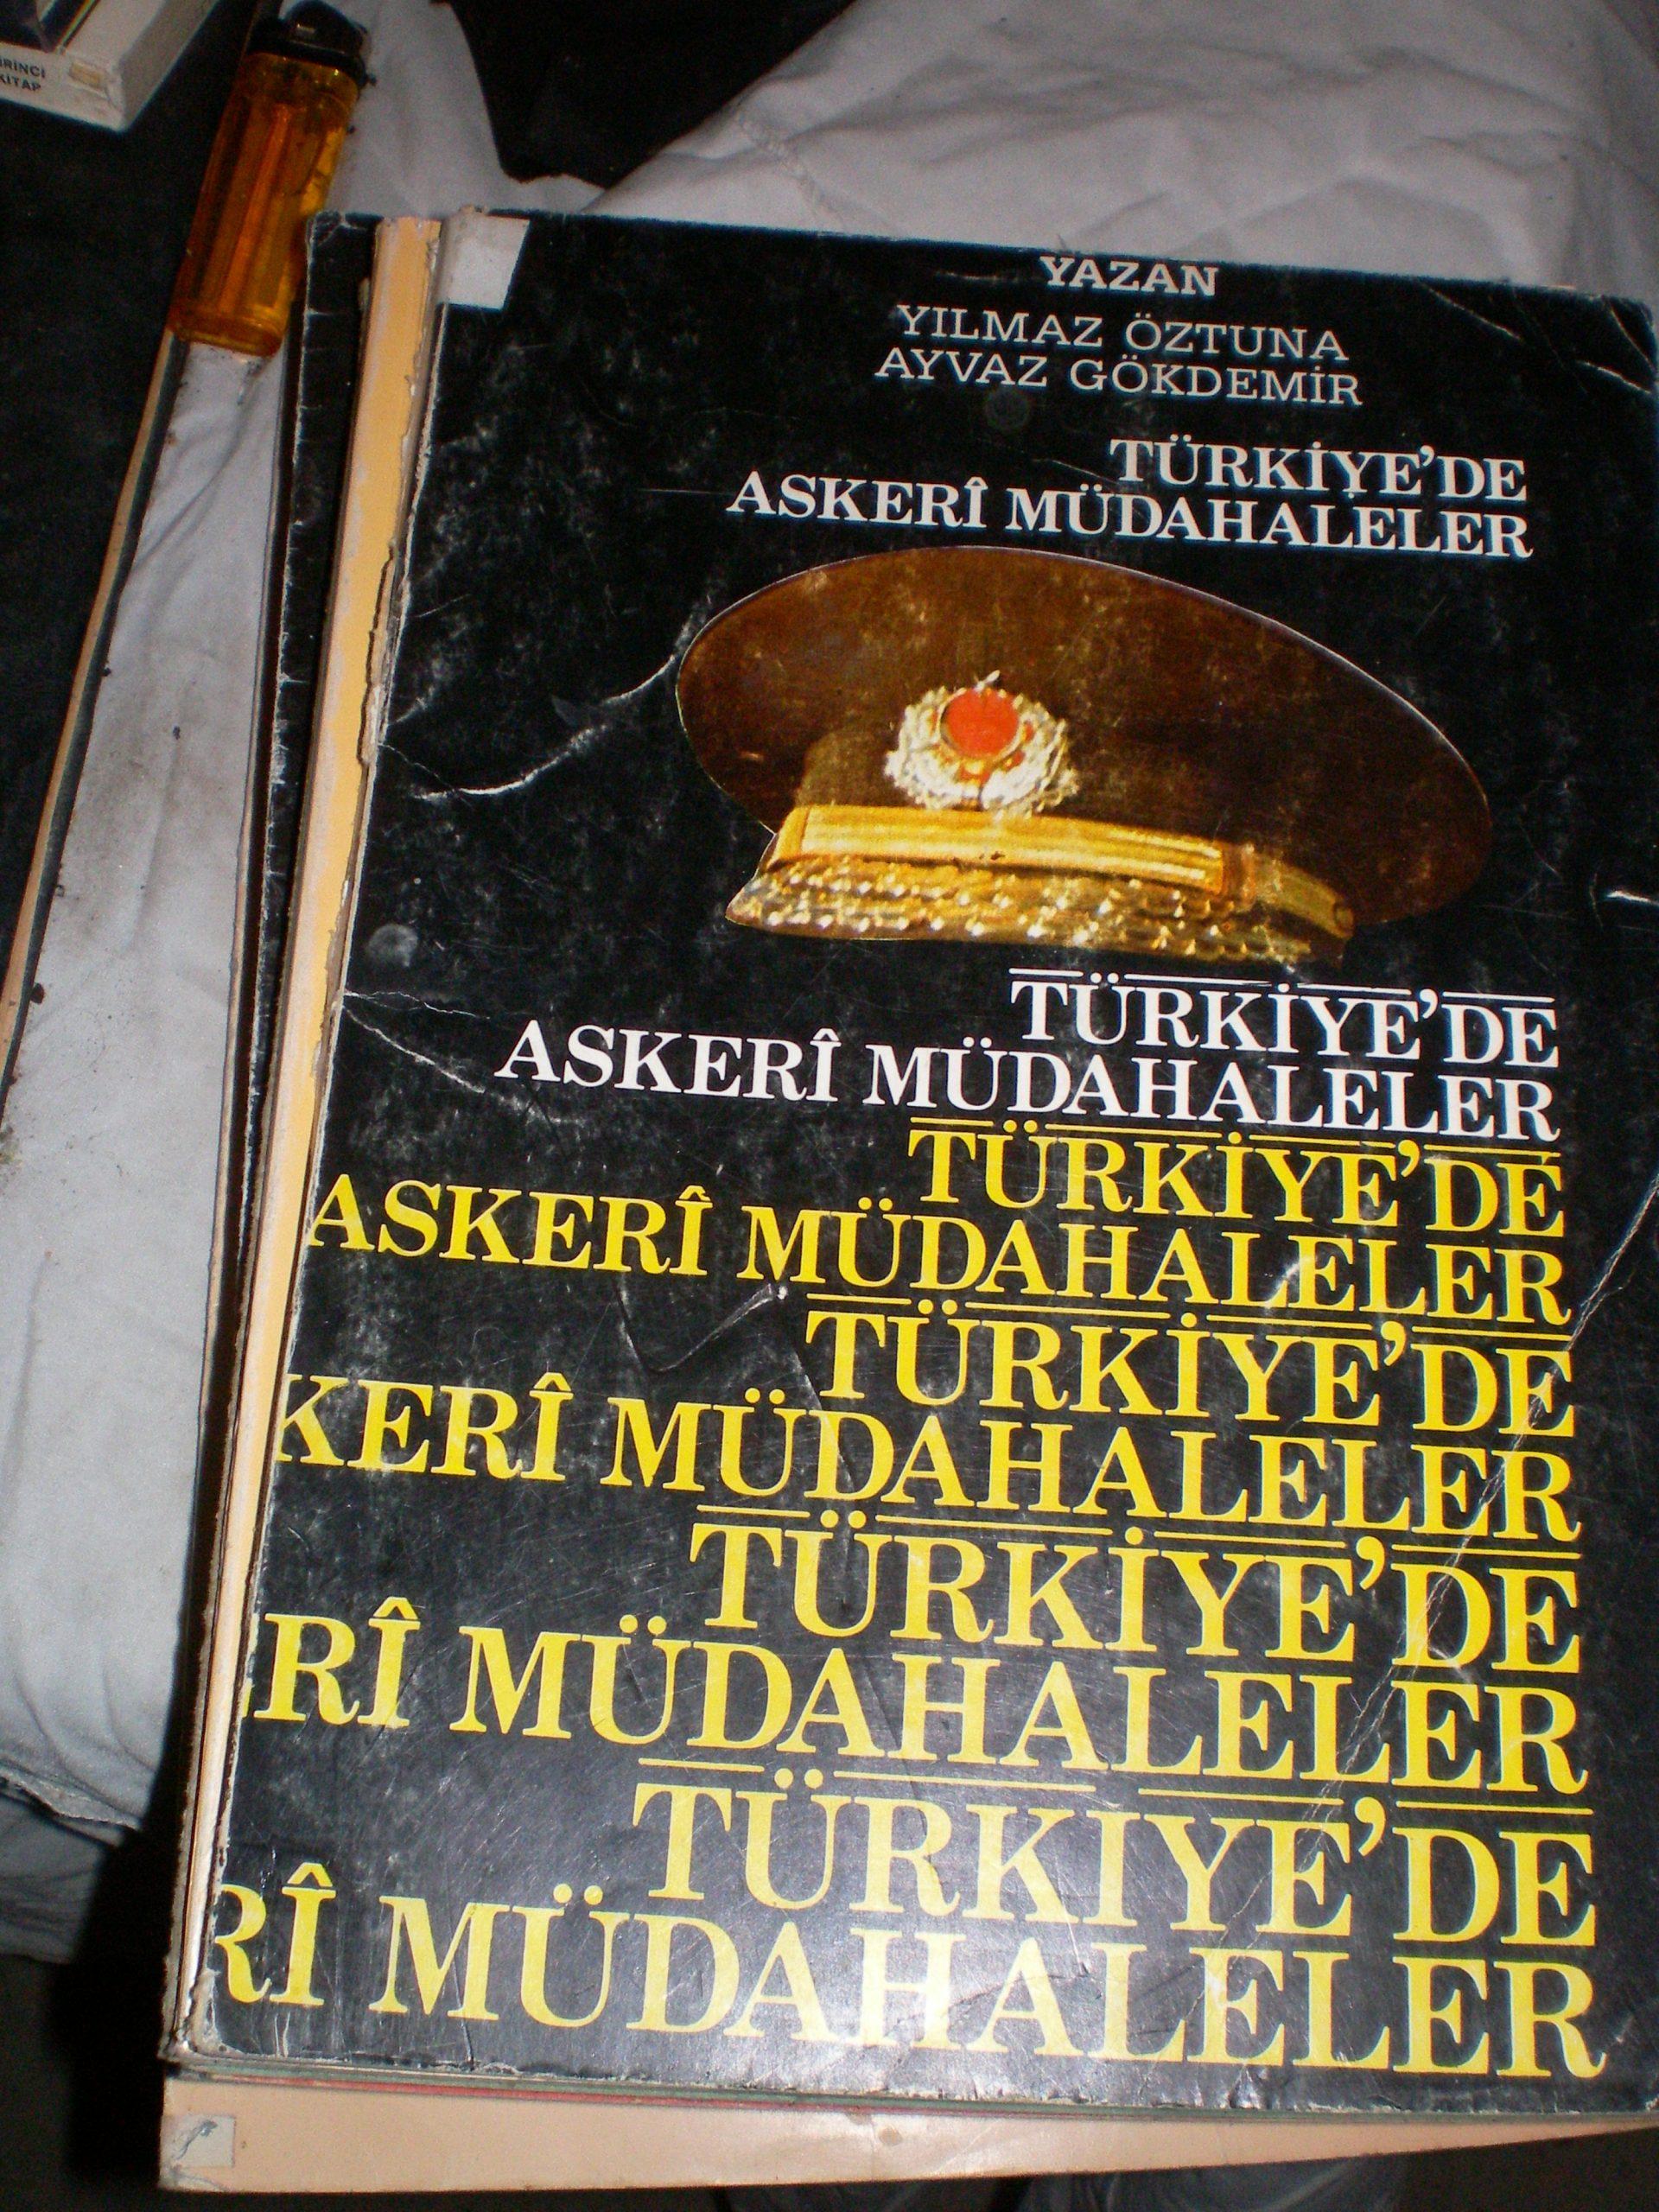 TÜRKİYE'DE ASKERİ MÜDAHALELER(Tercümn gazetesi)/Y.ÖZTUNA-A.GÖKDEMİR/ 15 TL